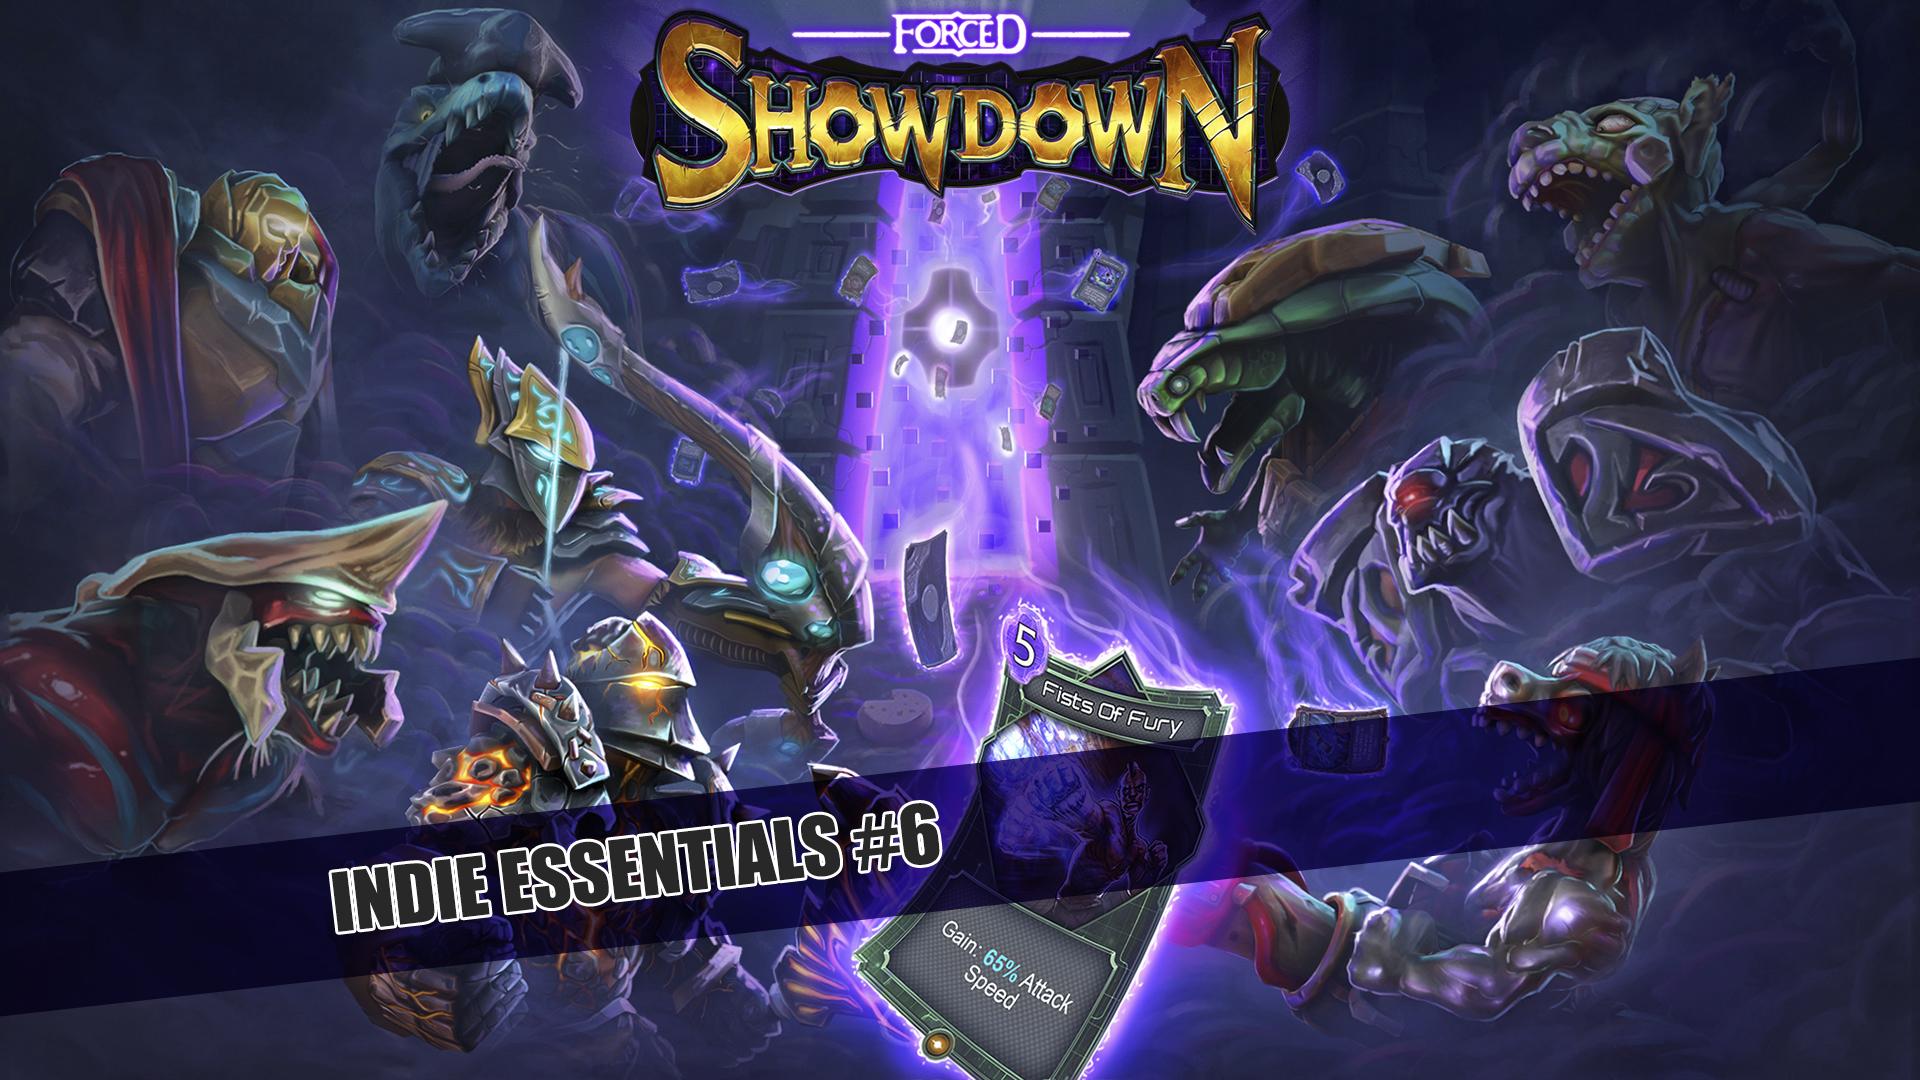 Indie Essentials 6: Forced Showdown!